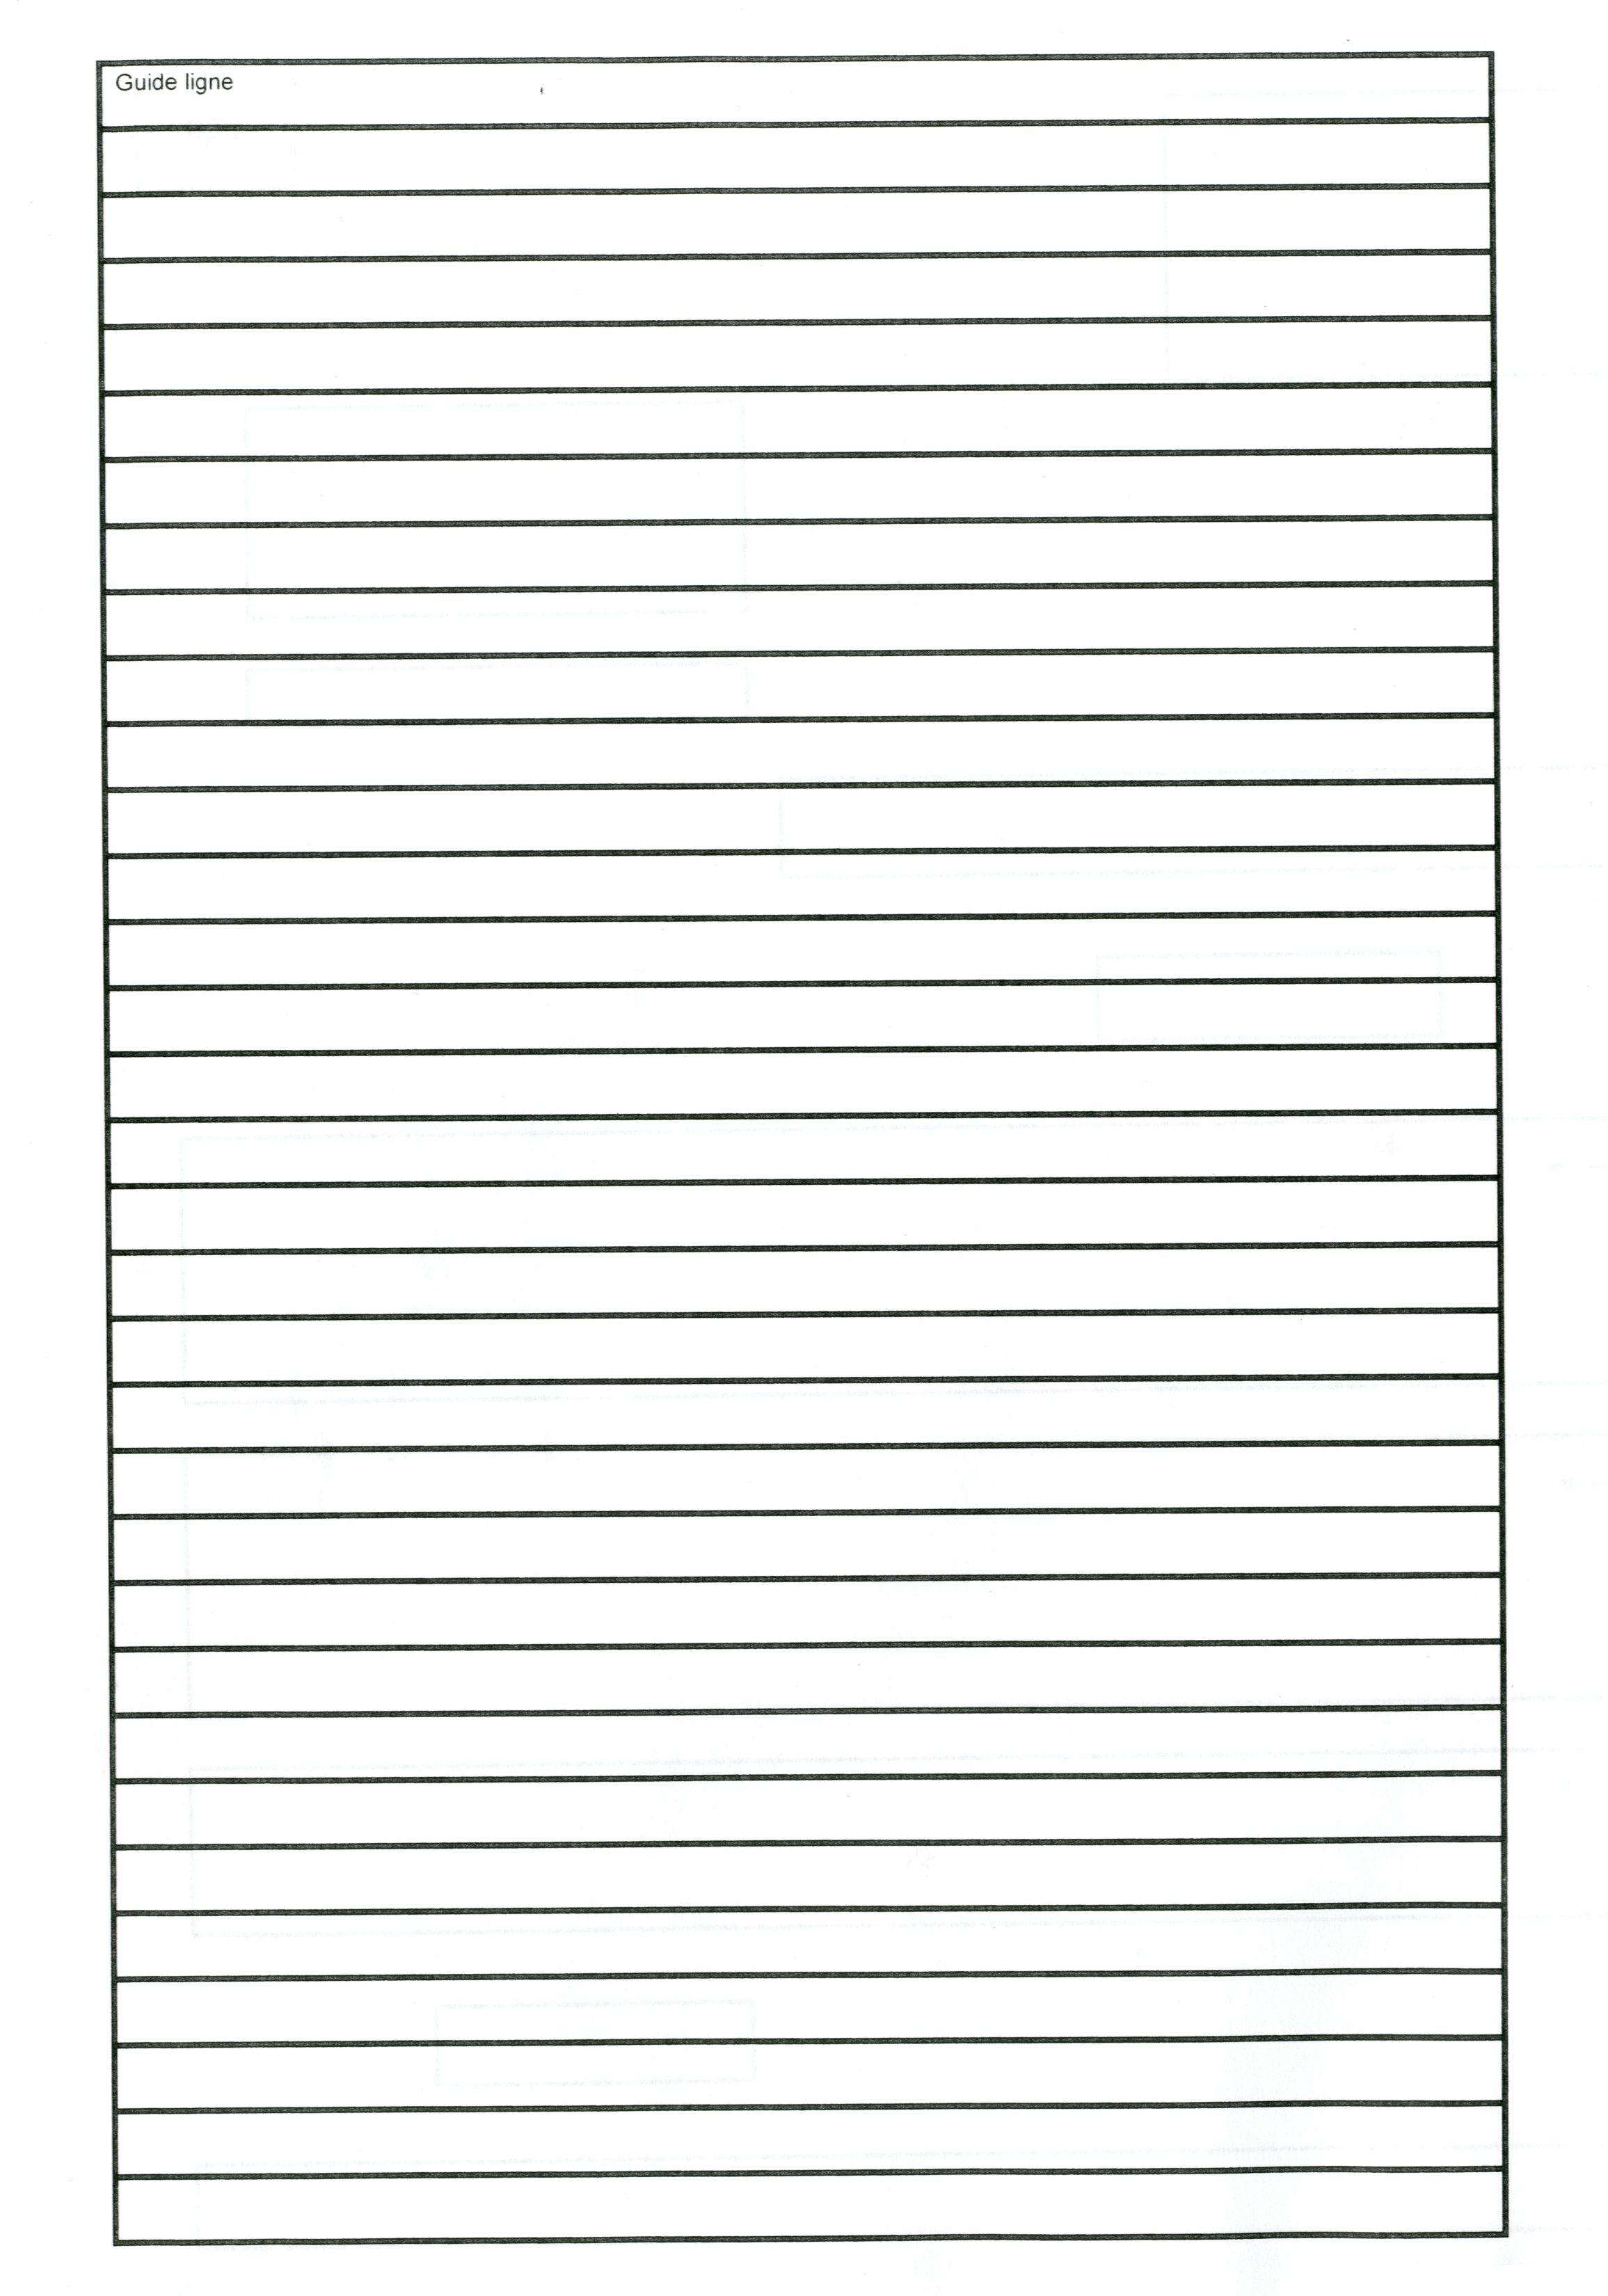 comment faire des lignes sur feuille blanche pour cv